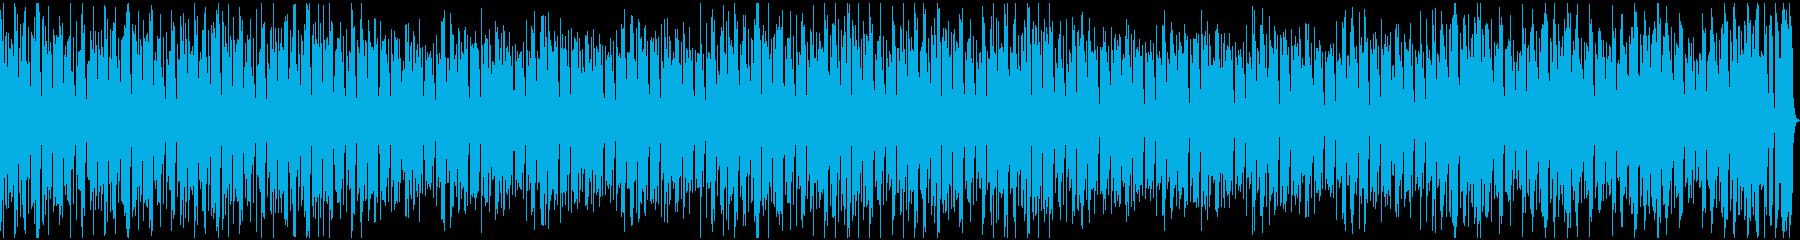 ミニゲームに使えそうなBGMの再生済みの波形